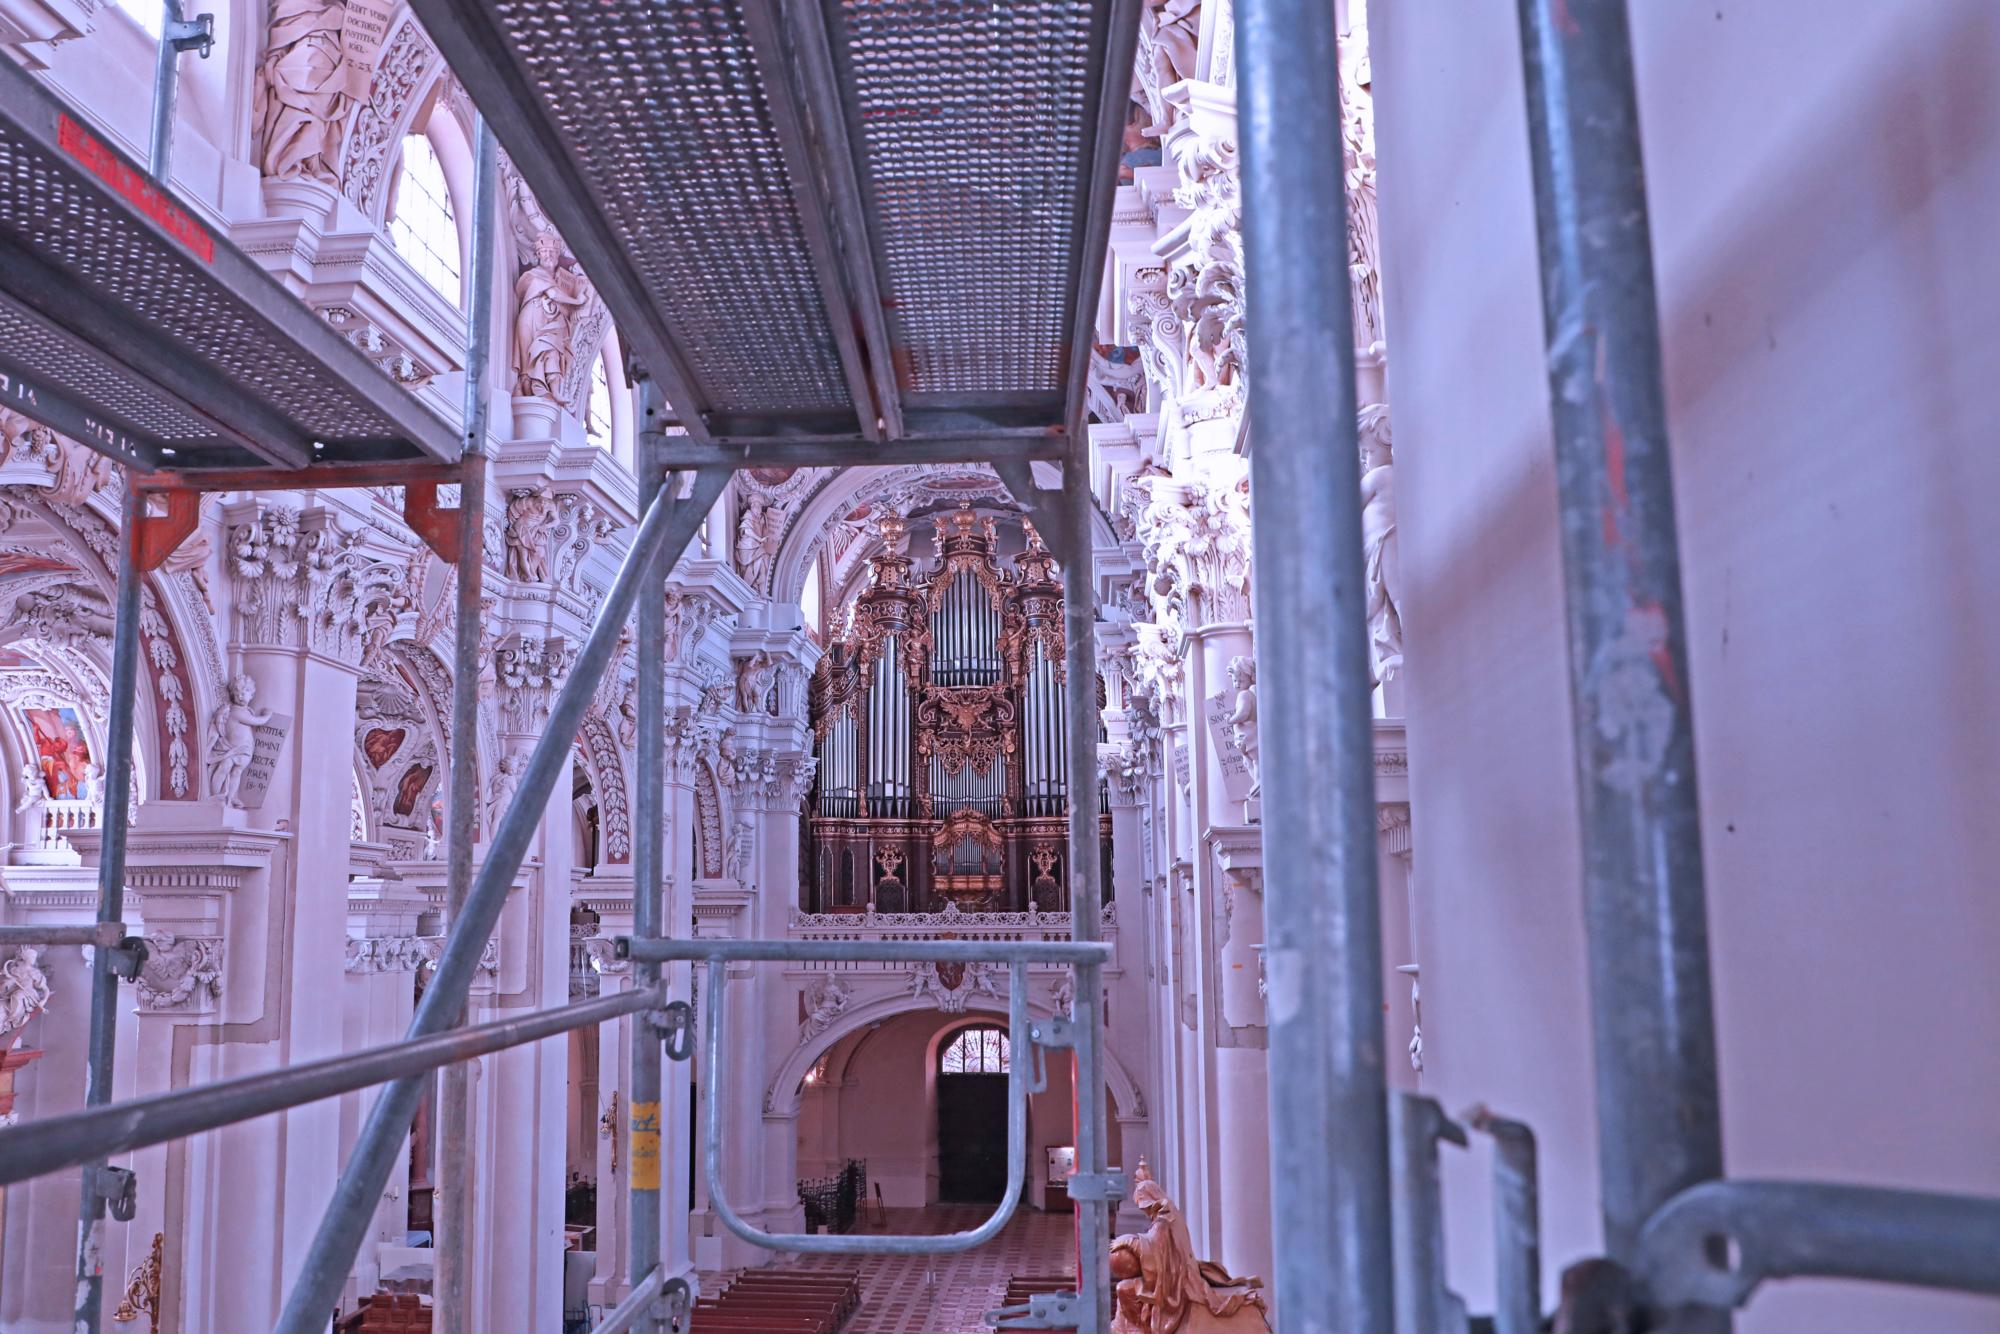 429 A9902 Orgel Gerüst Ausschnitt